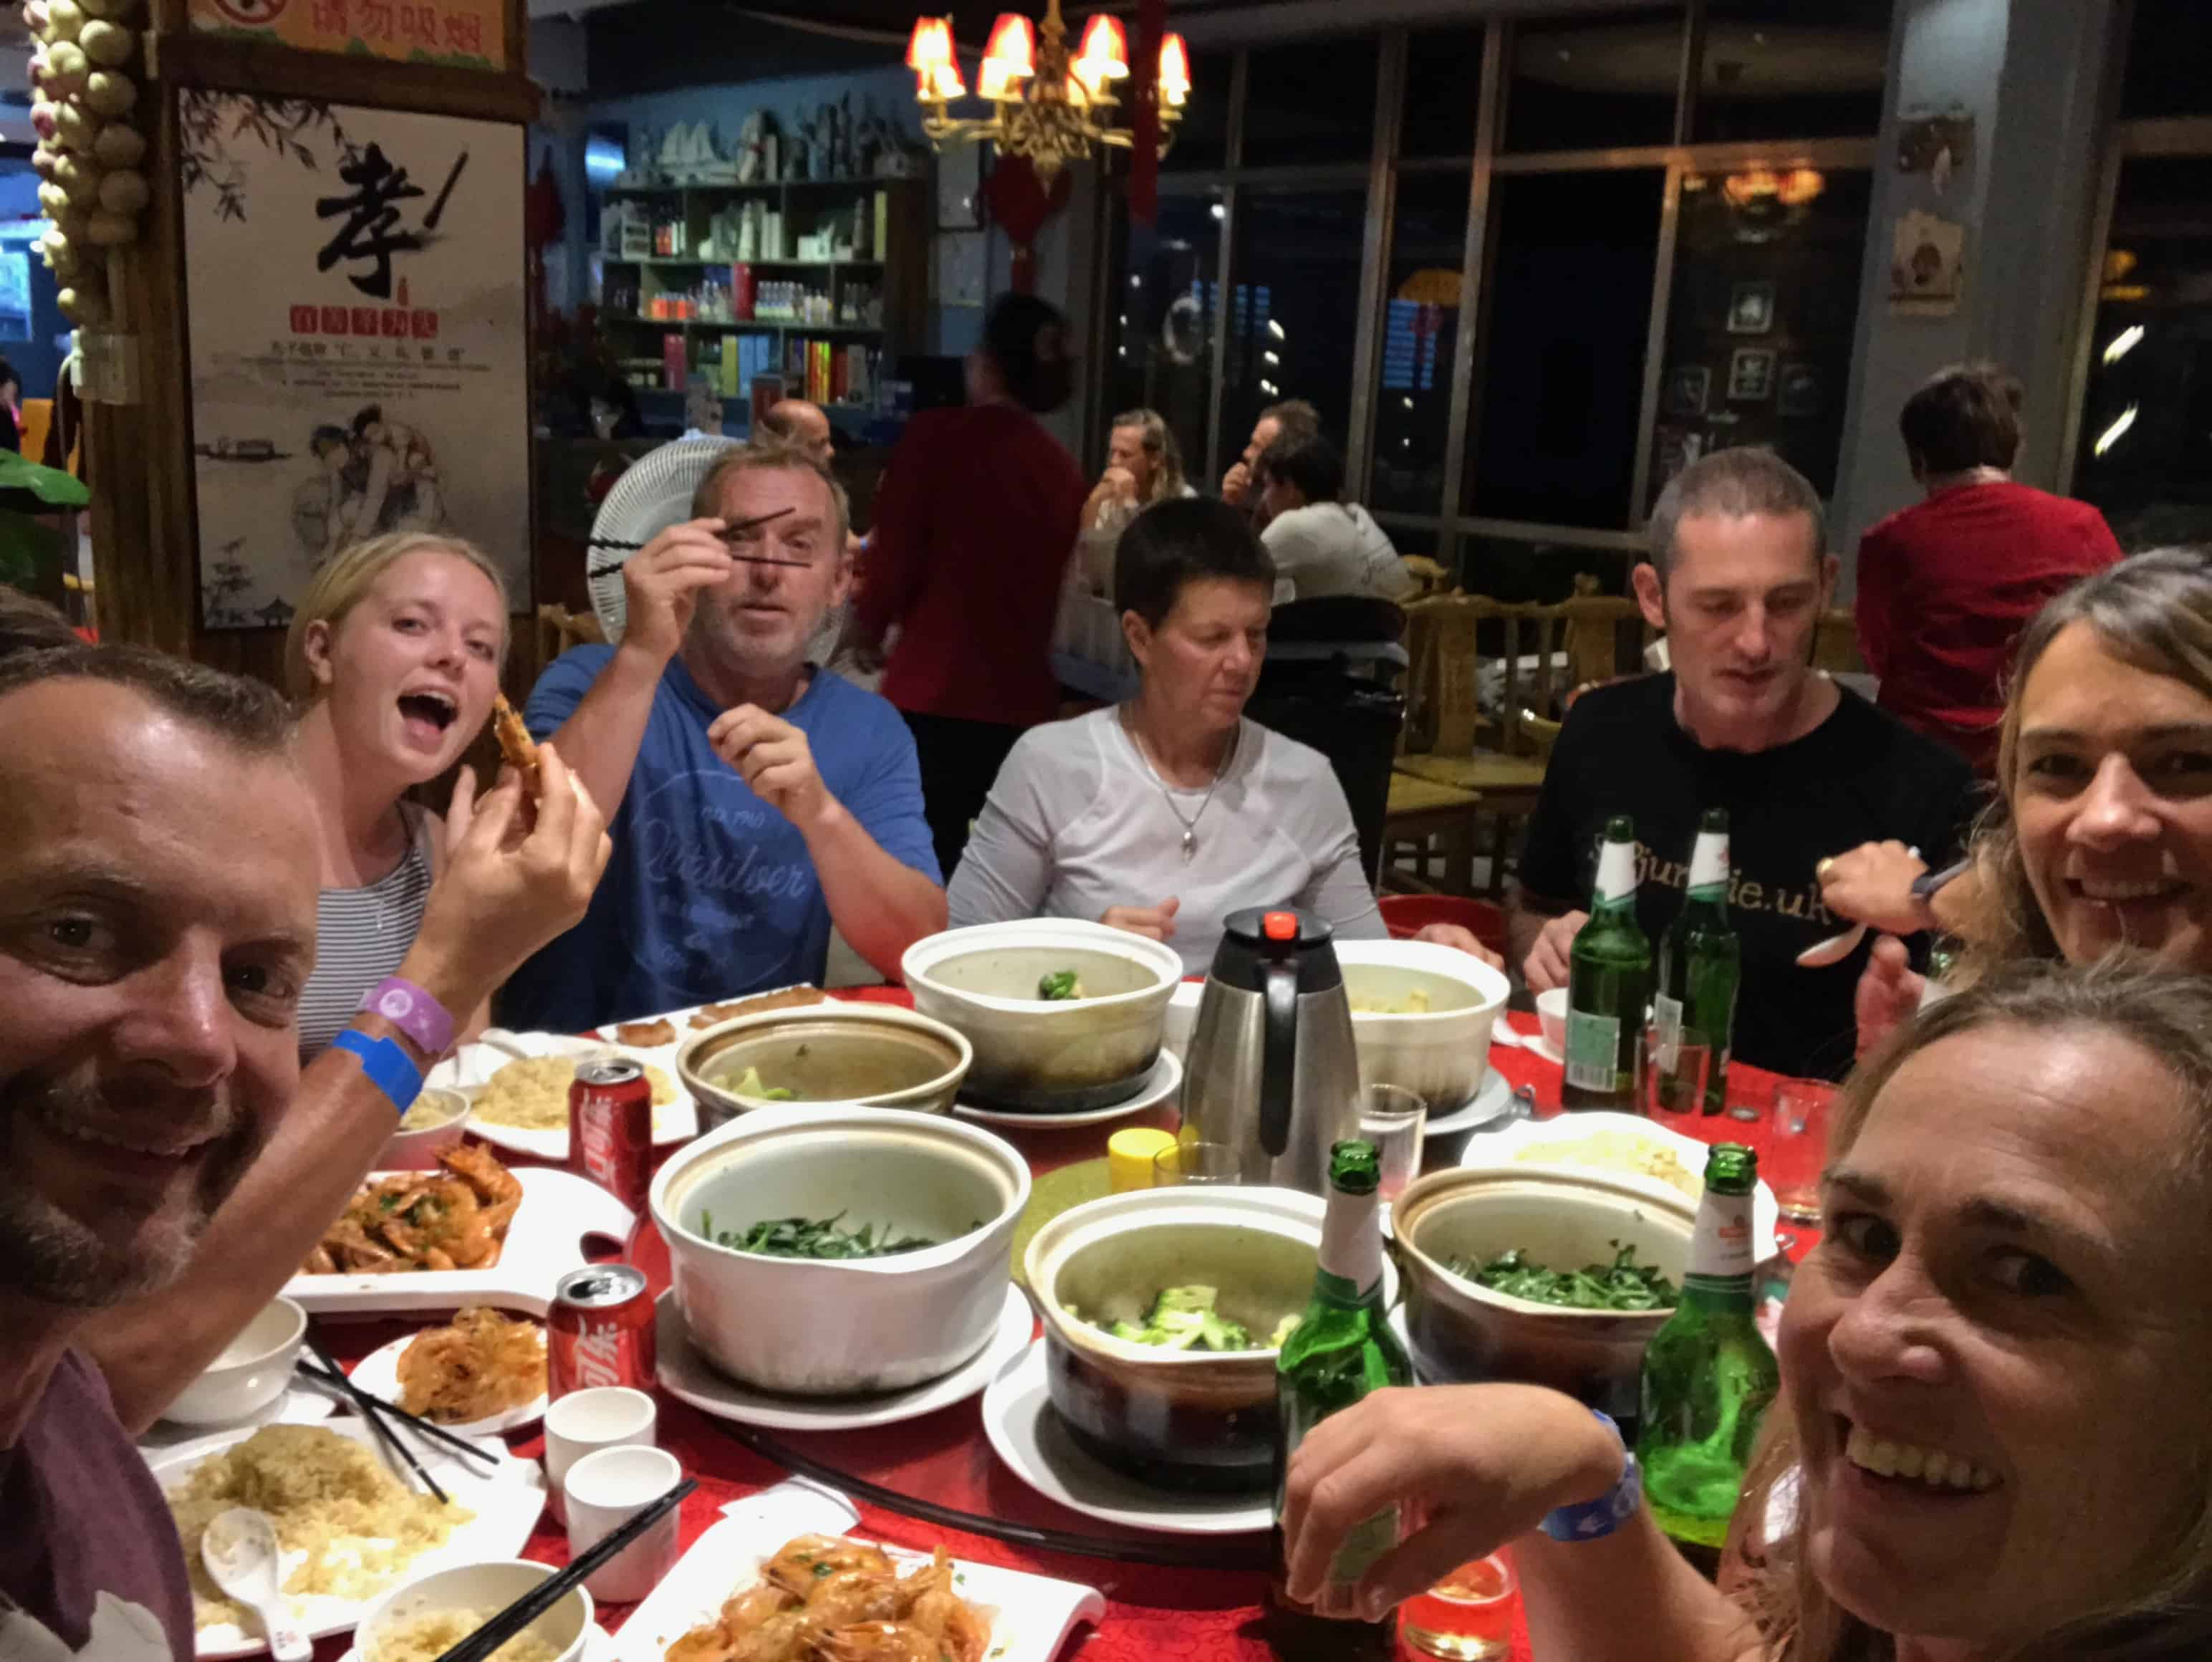 Team feast